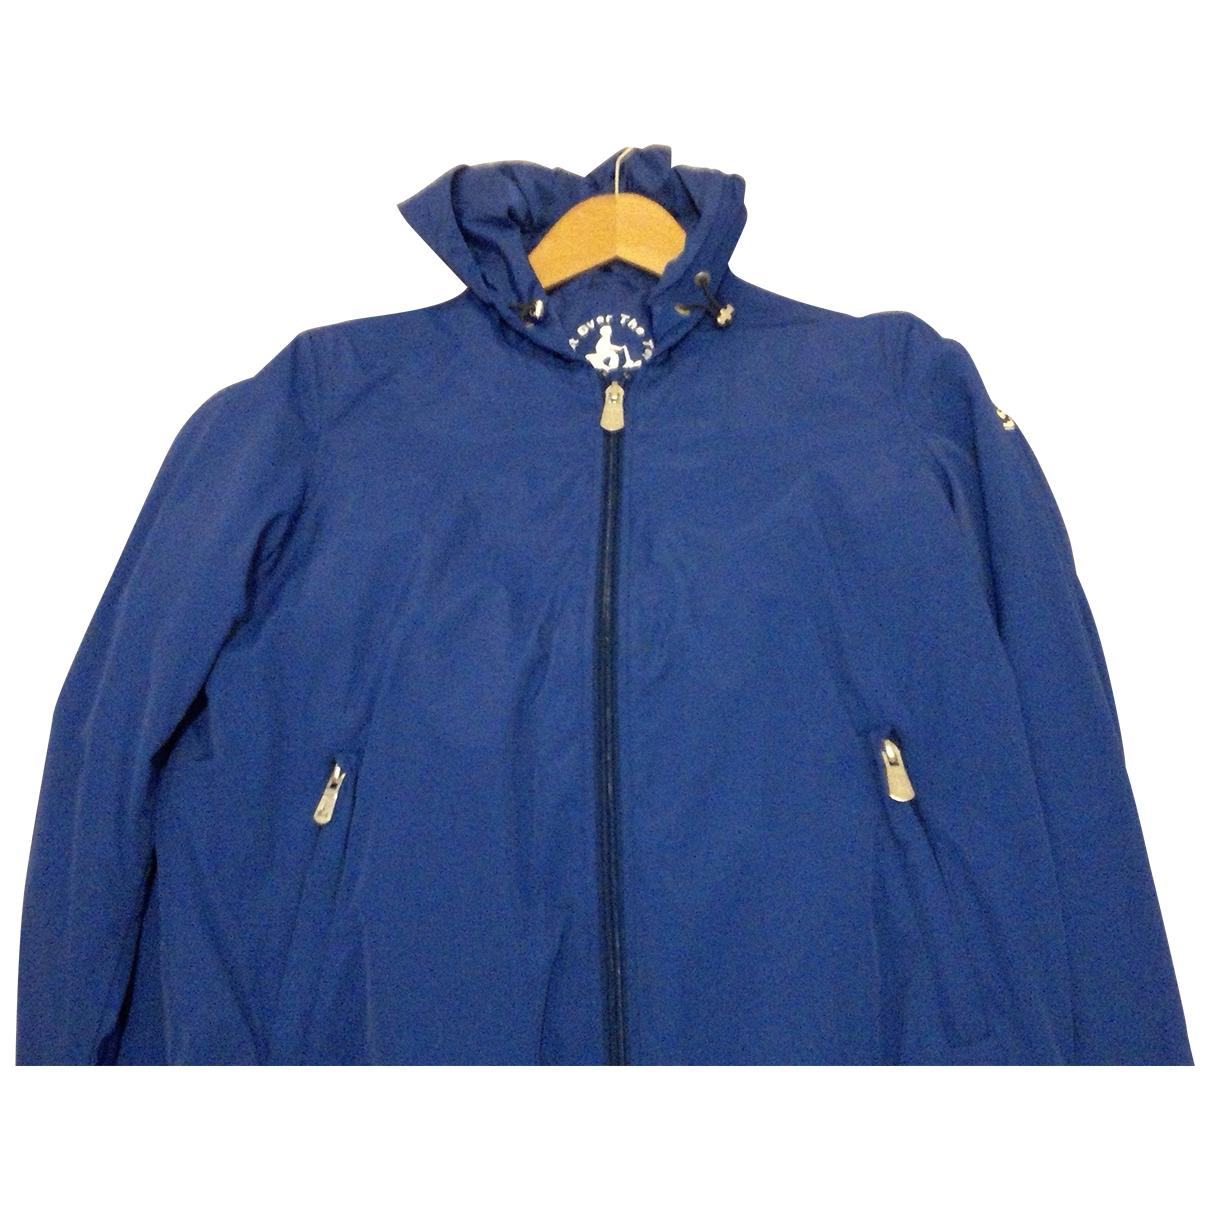 Jott \N Blue jacket  for Men 48 FR